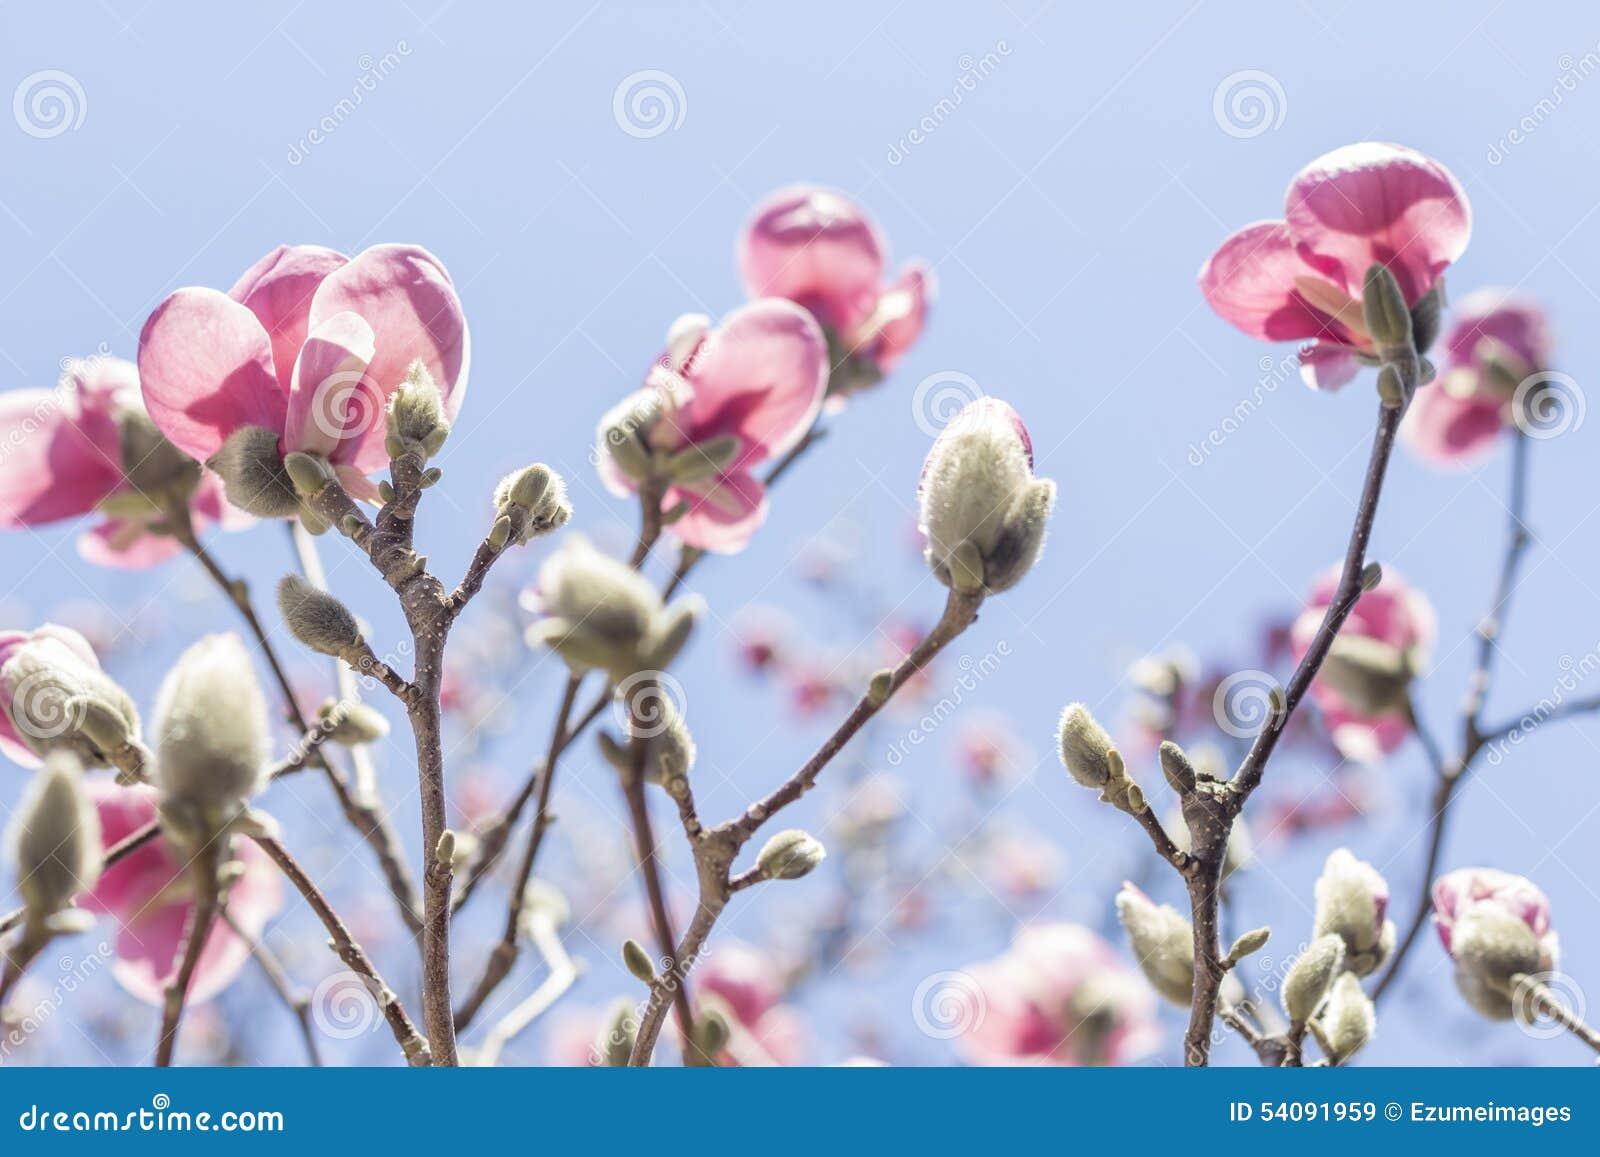 Magnolia Tulip Tree